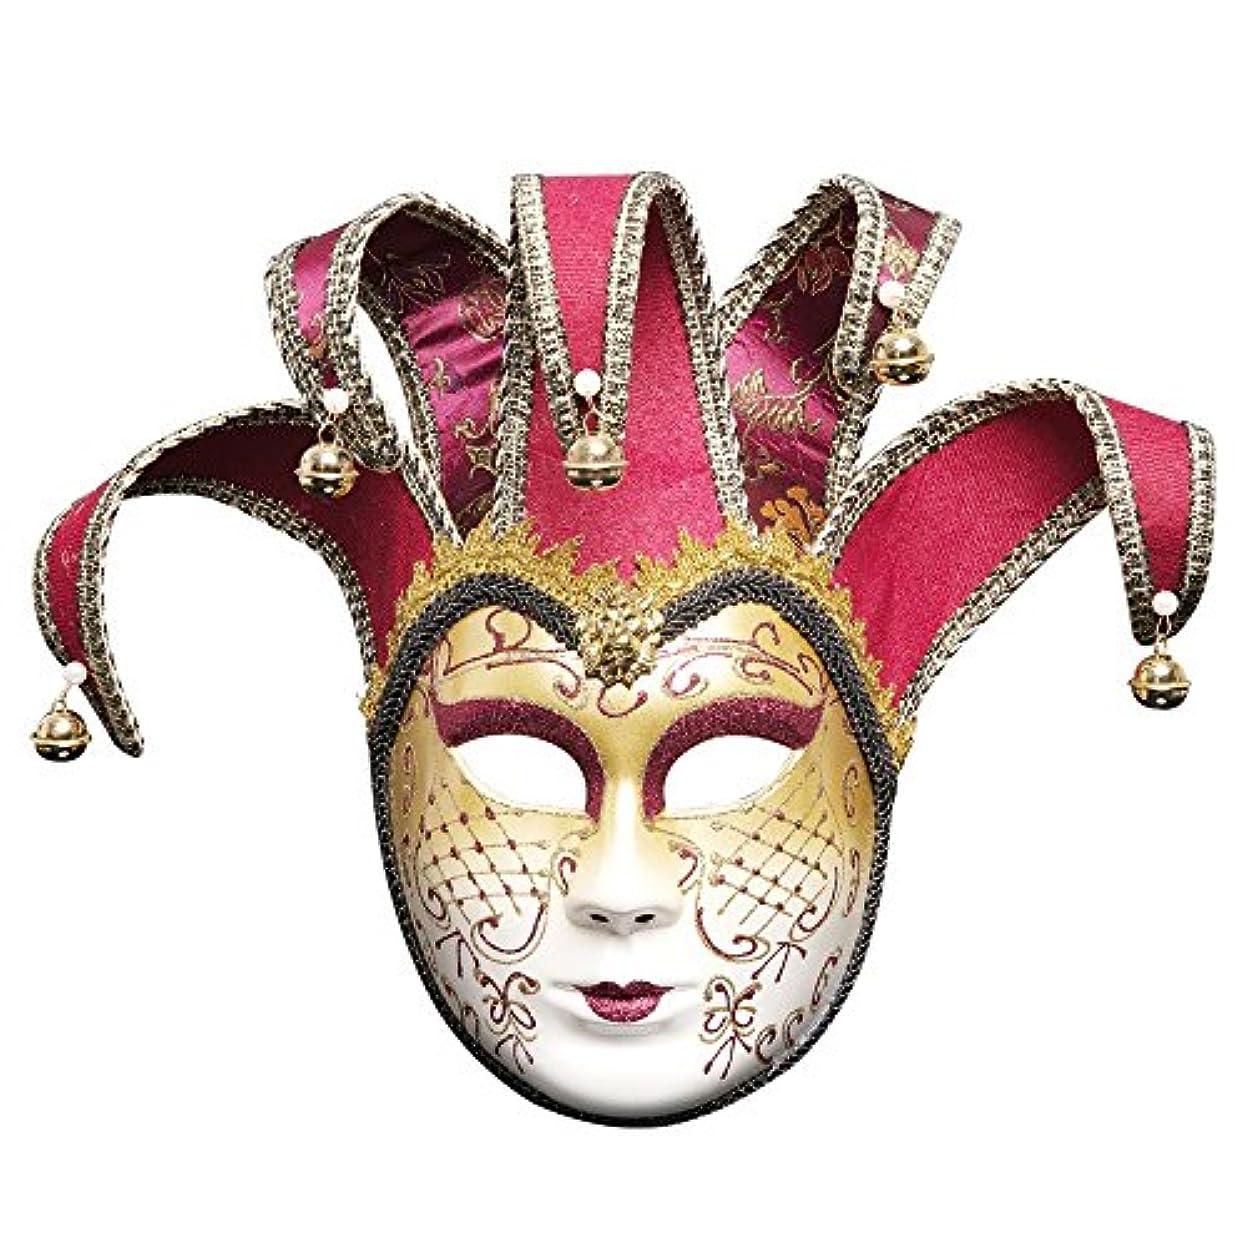 つま先熟す倍増ハロウィンボールパーティーマスククリスマスクリエイティブ新しいフルフェイスメイクアップマスク (Color : C)